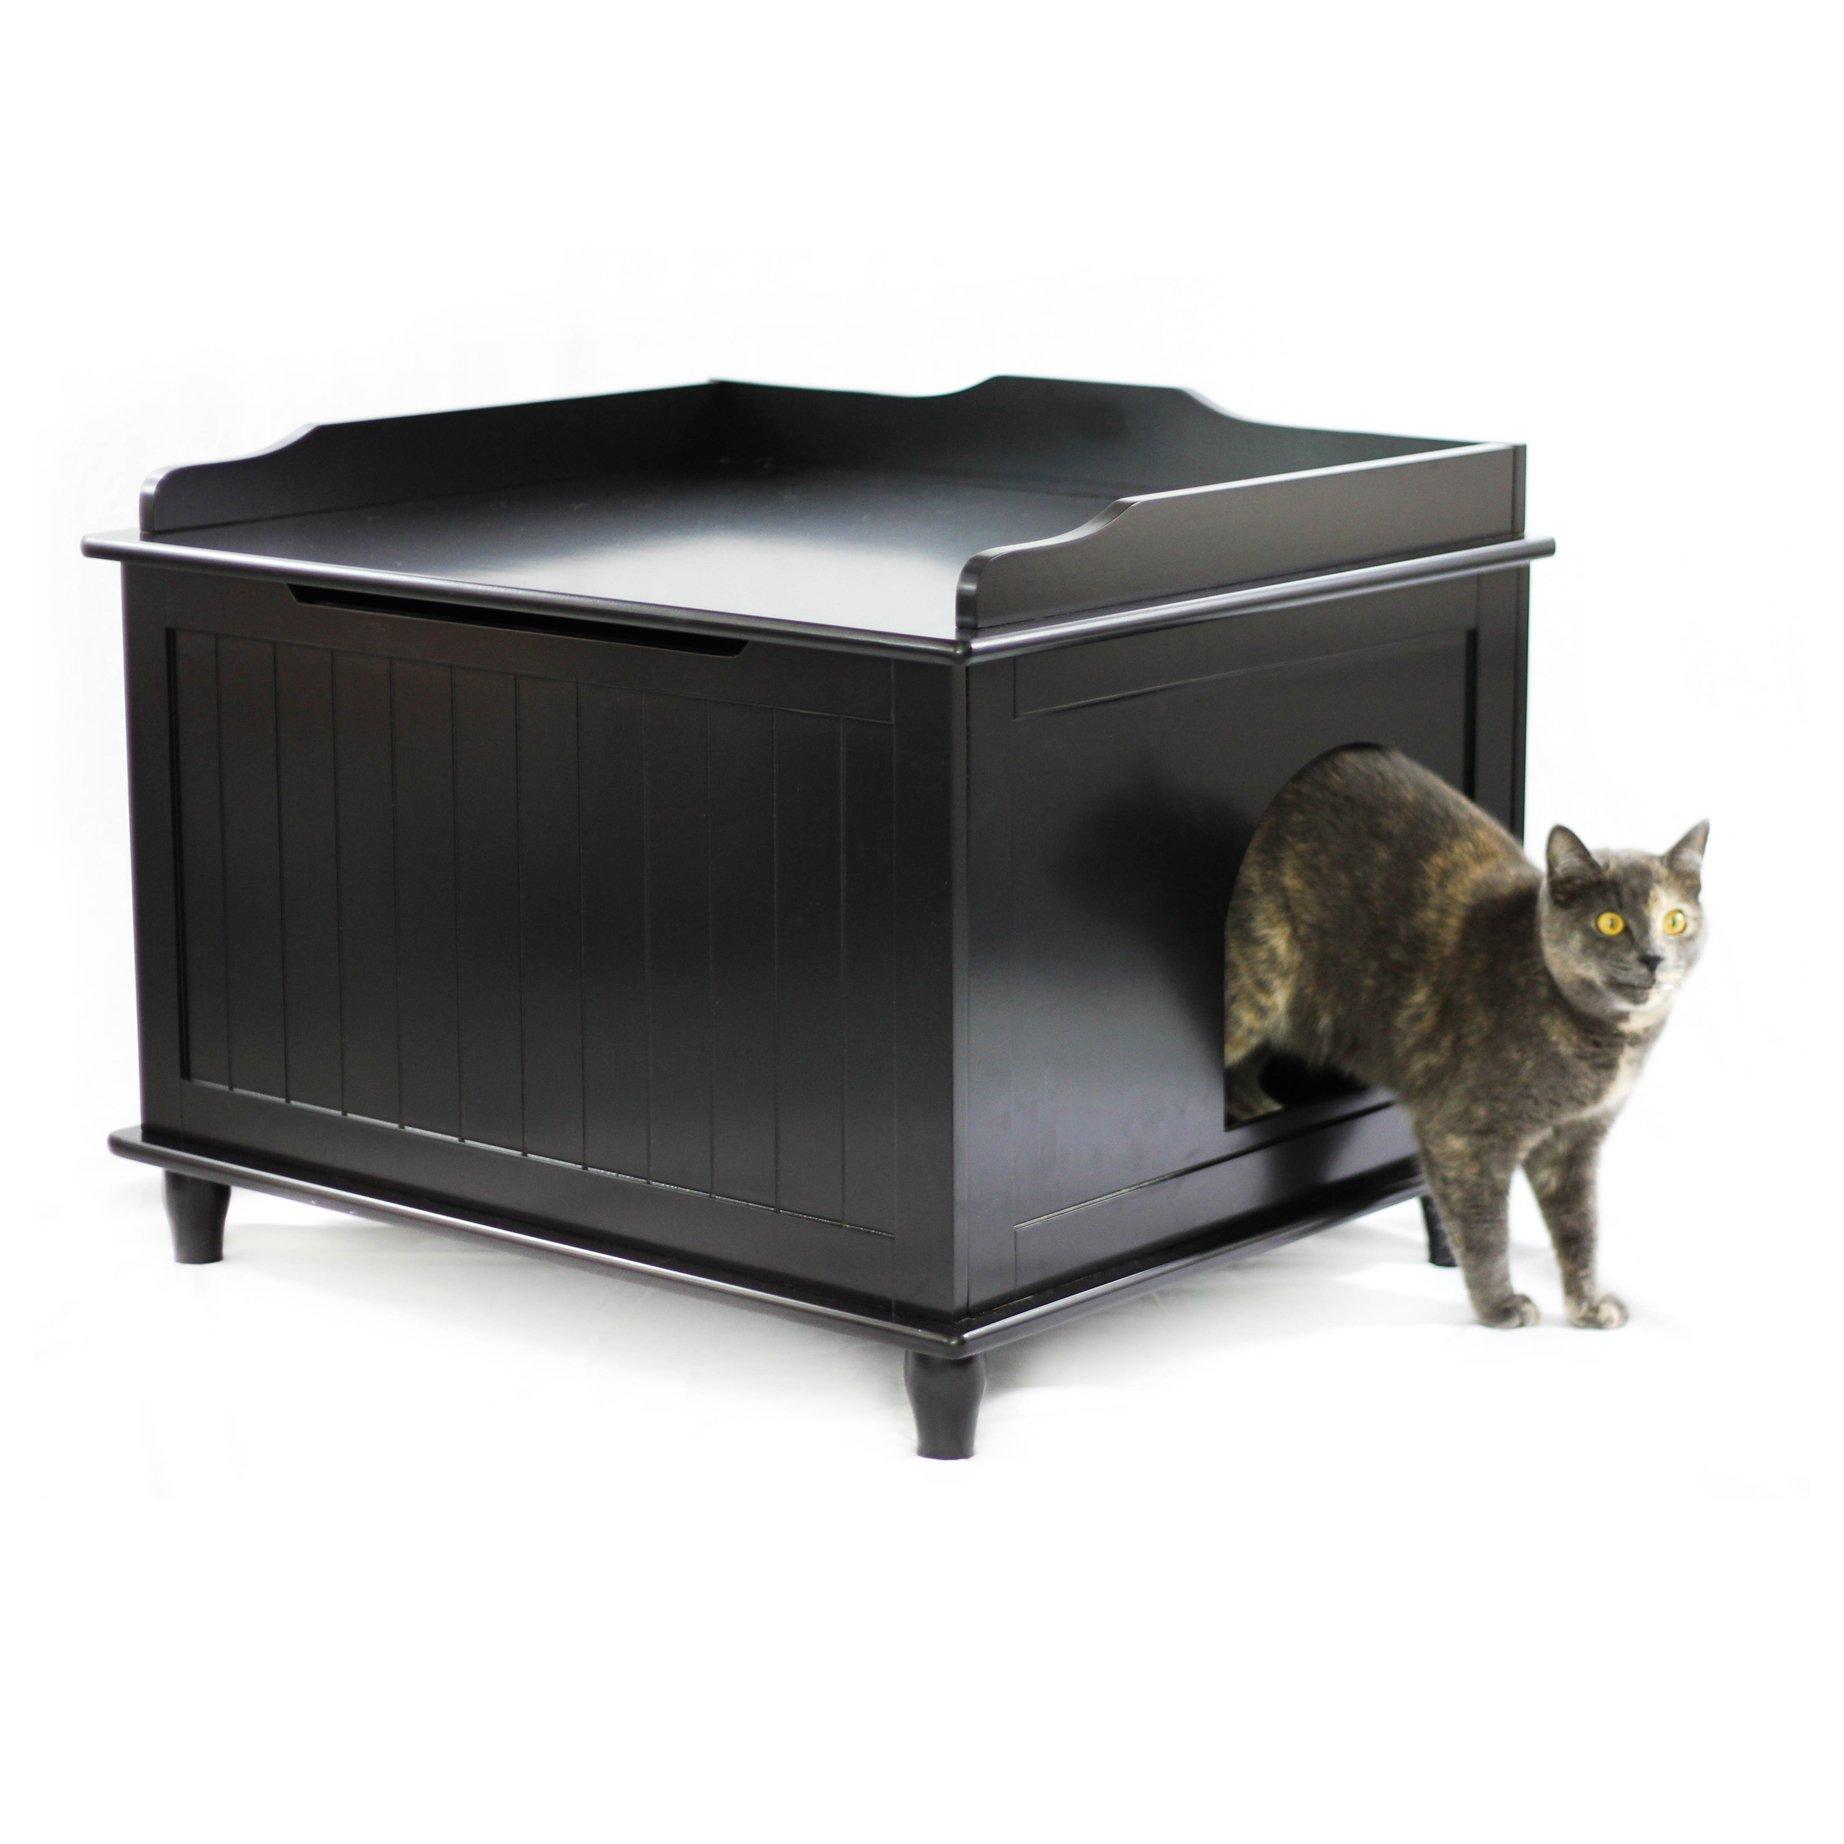 Designer Catbox Jumbo Litter Box Enclosure in Black by Designer Catbox